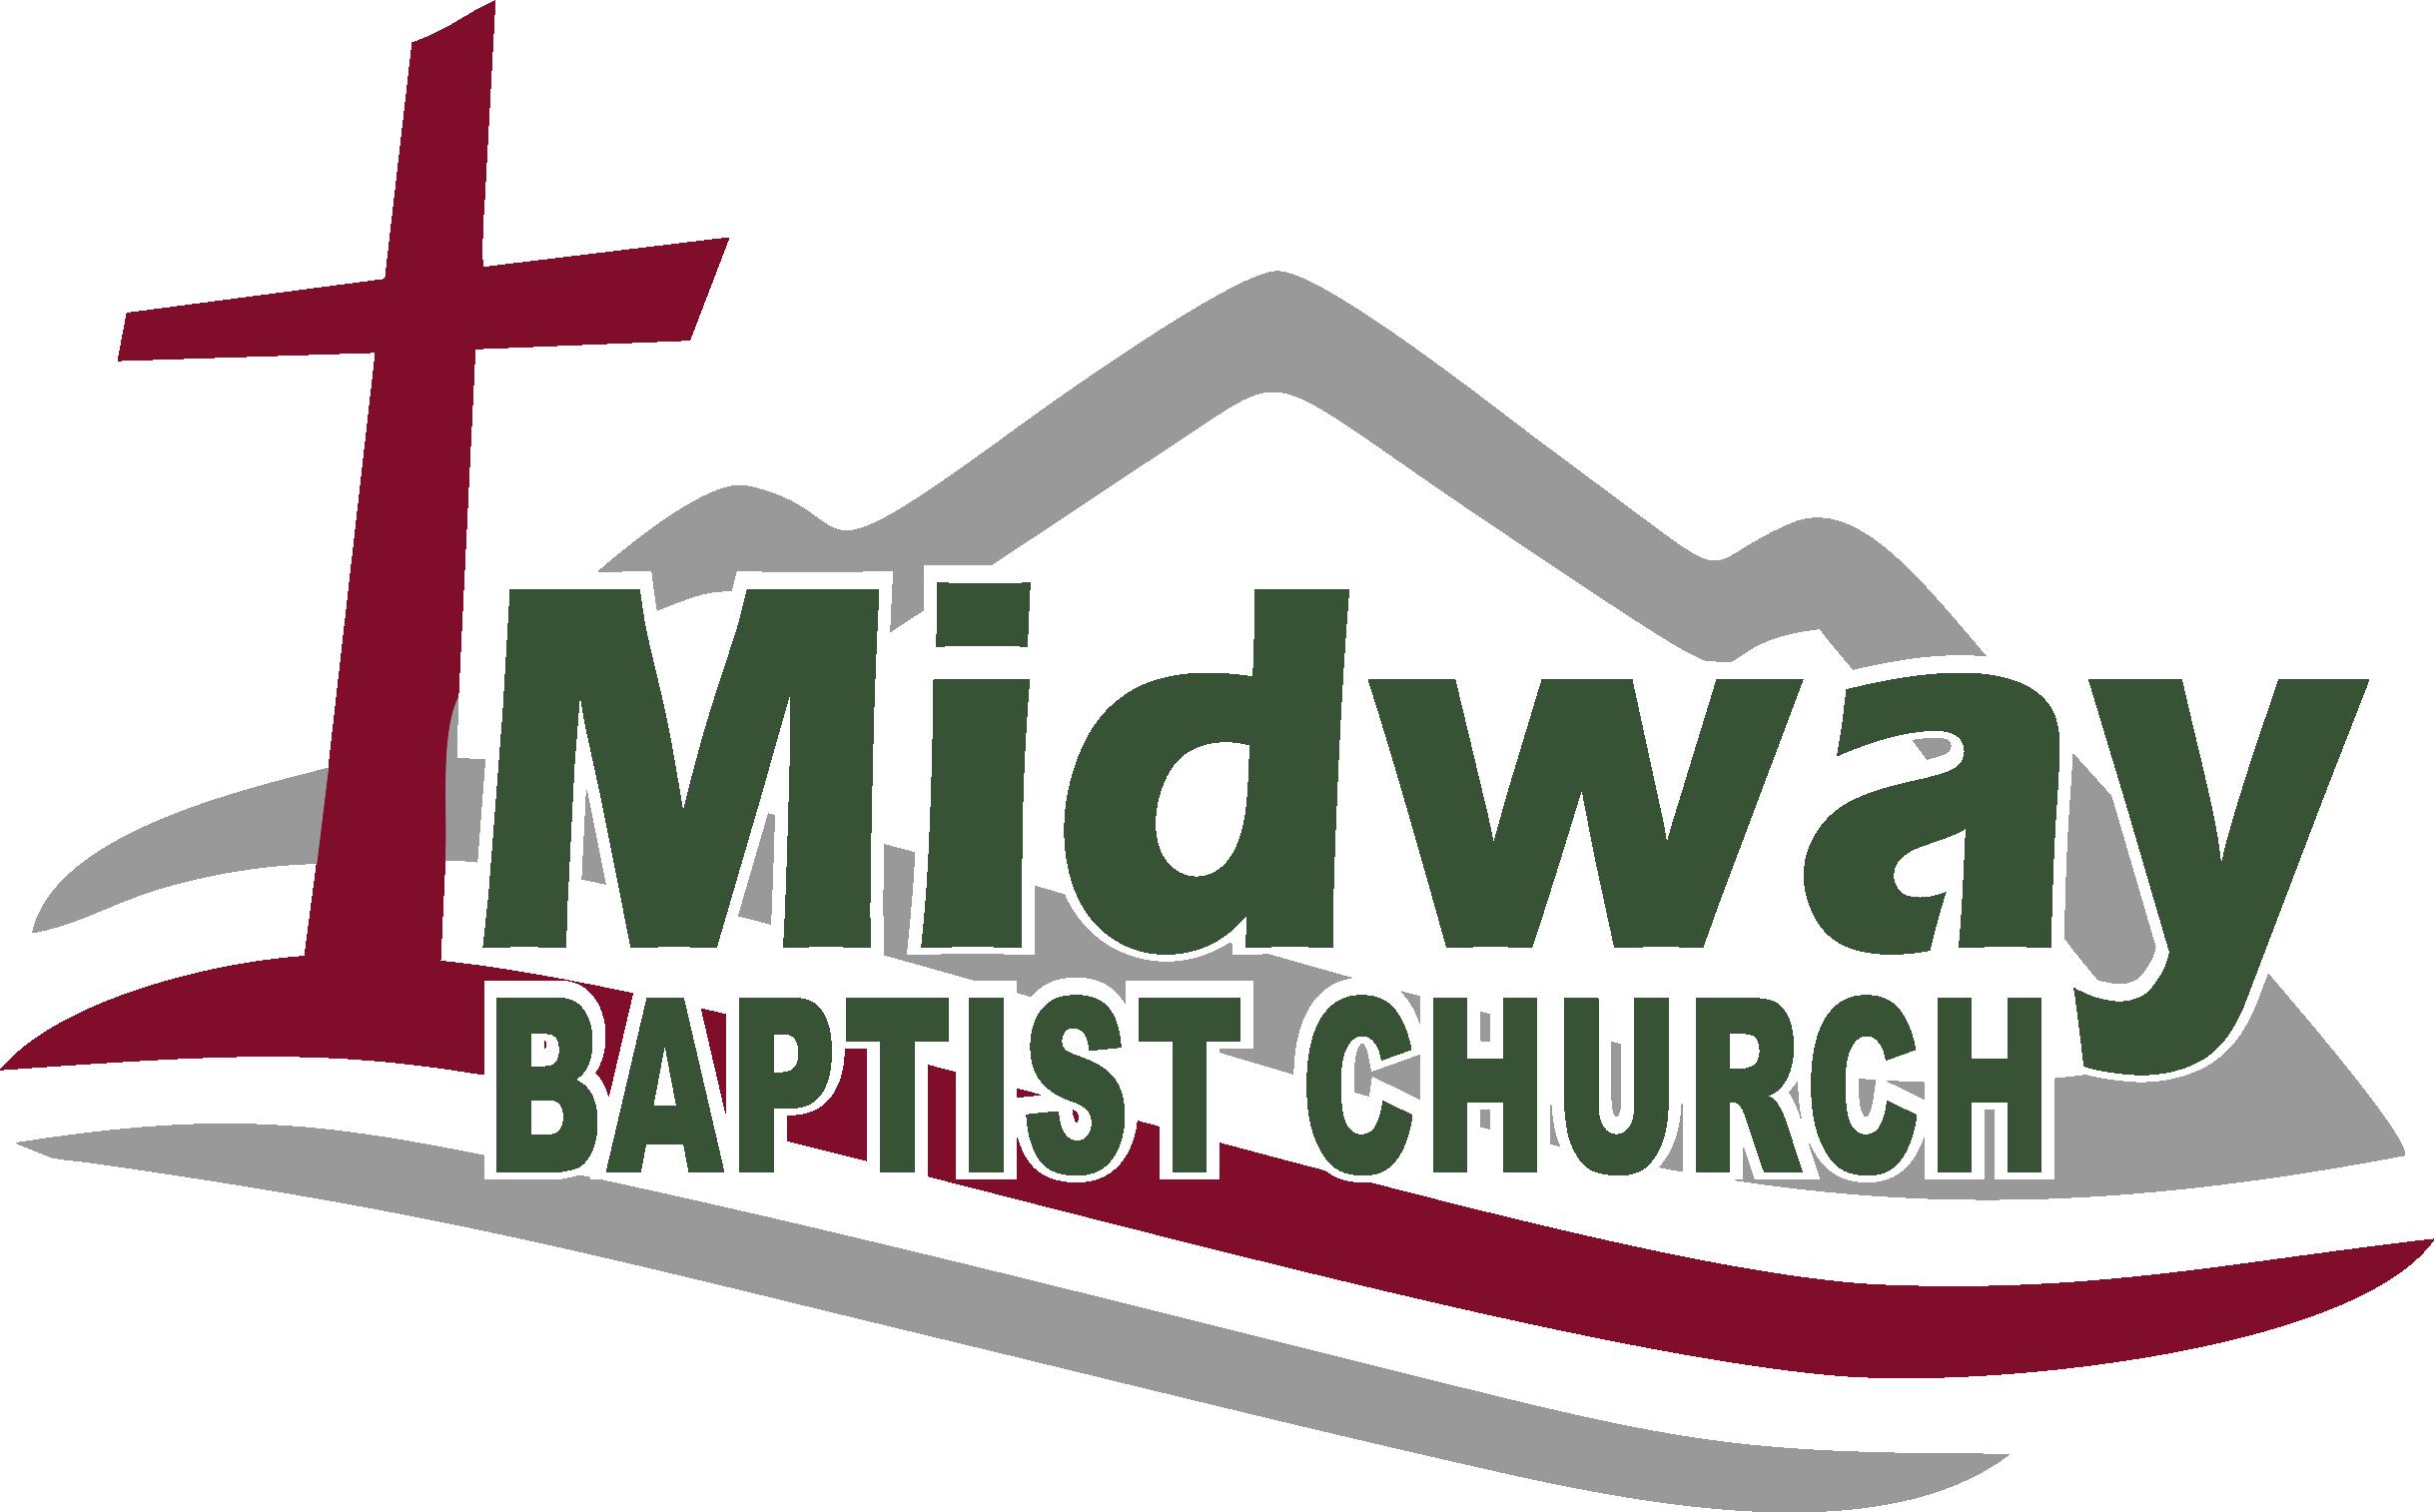 Faith clipart baptist church. Midway